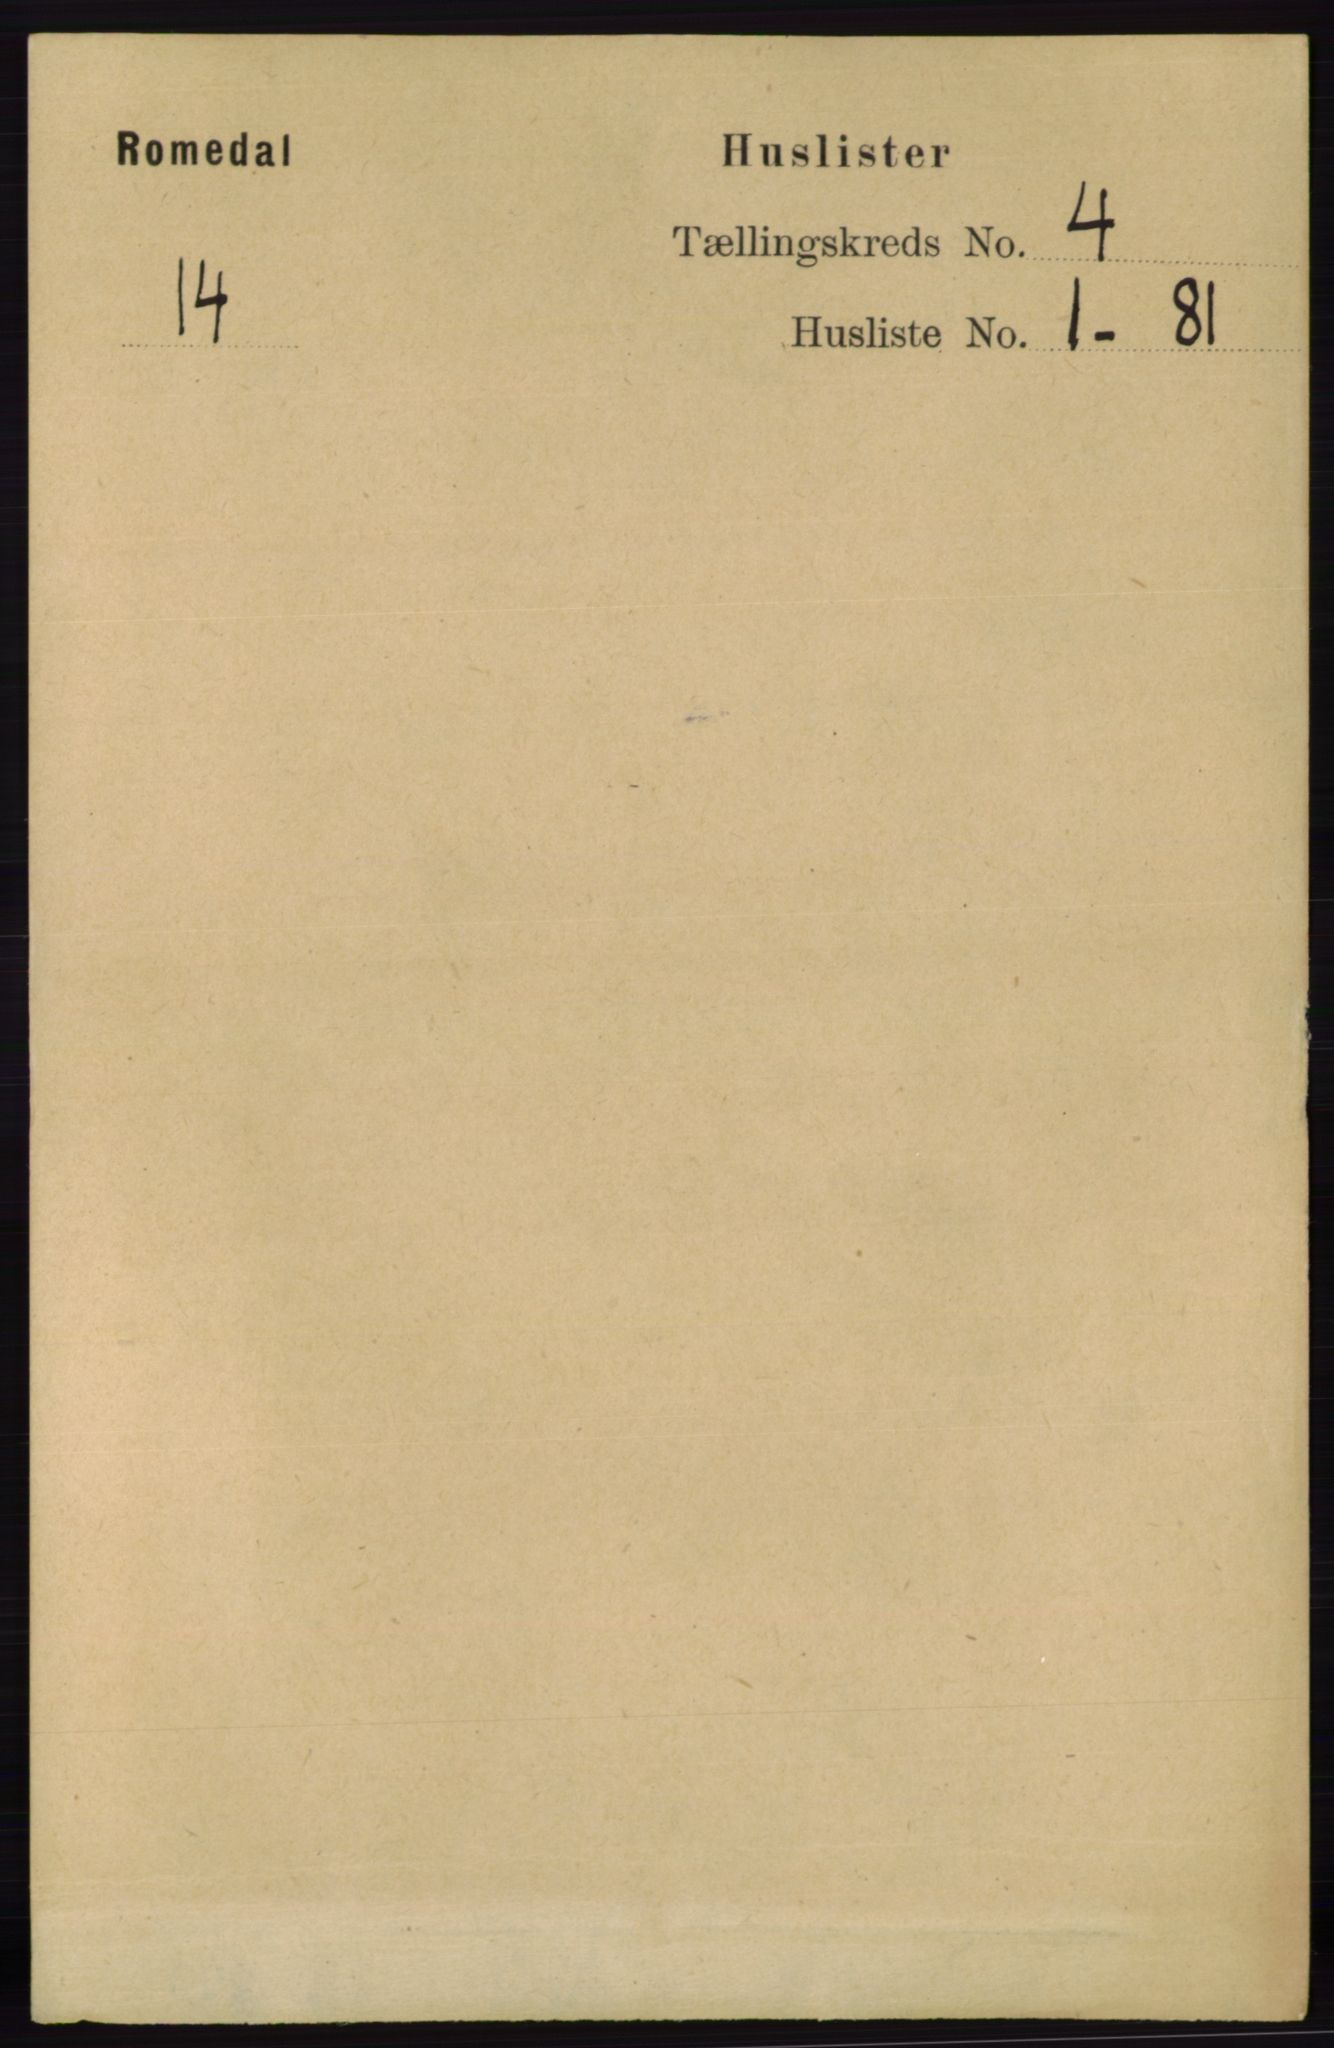 RA, Folketelling 1891 for 0416 Romedal herred, 1891, s. 1884